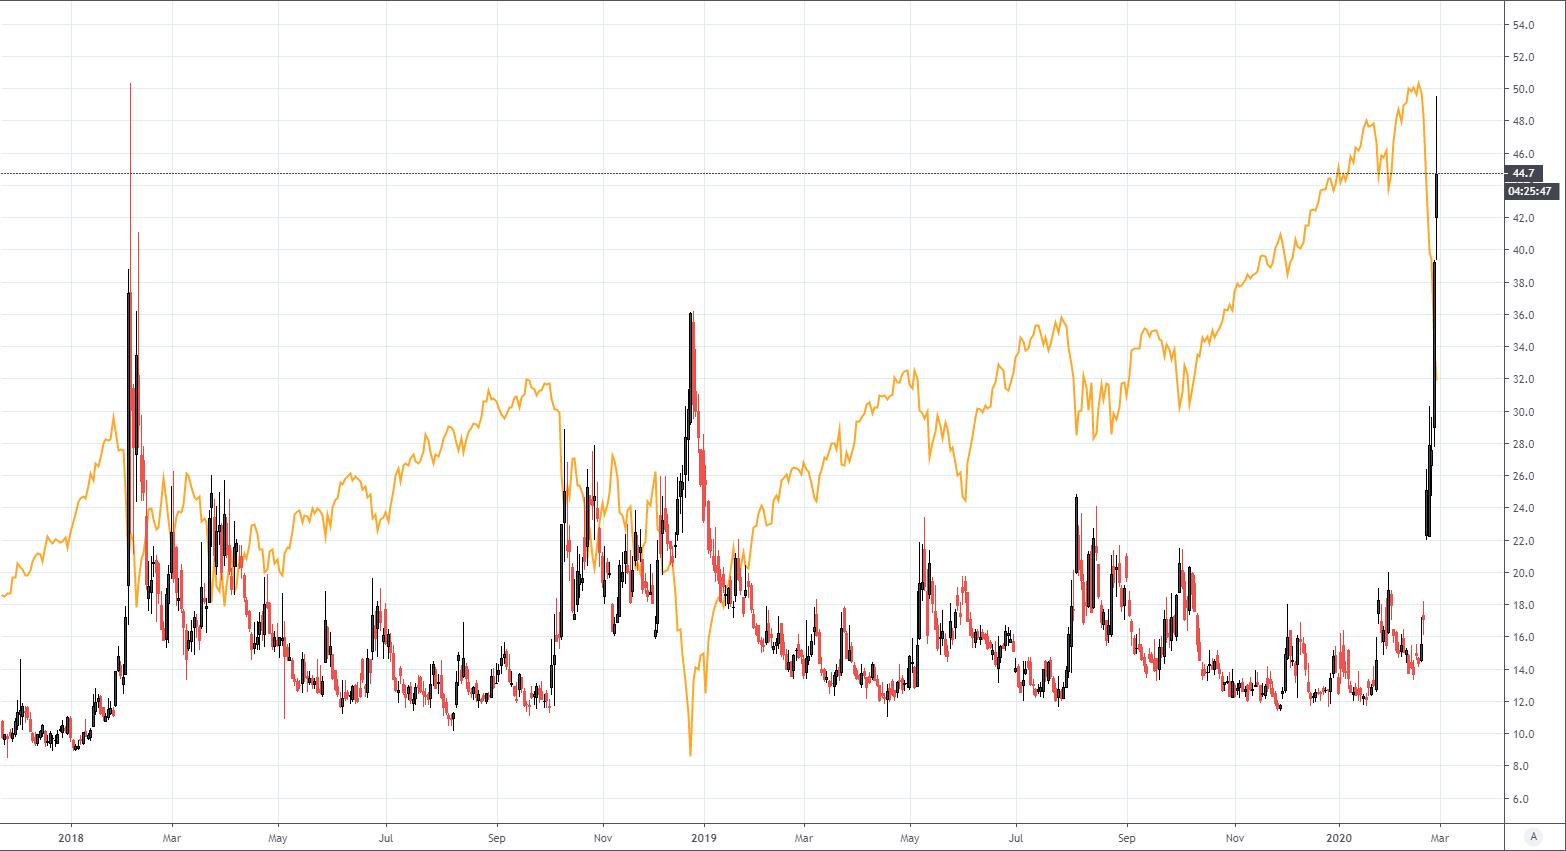 vienas btc tradingview